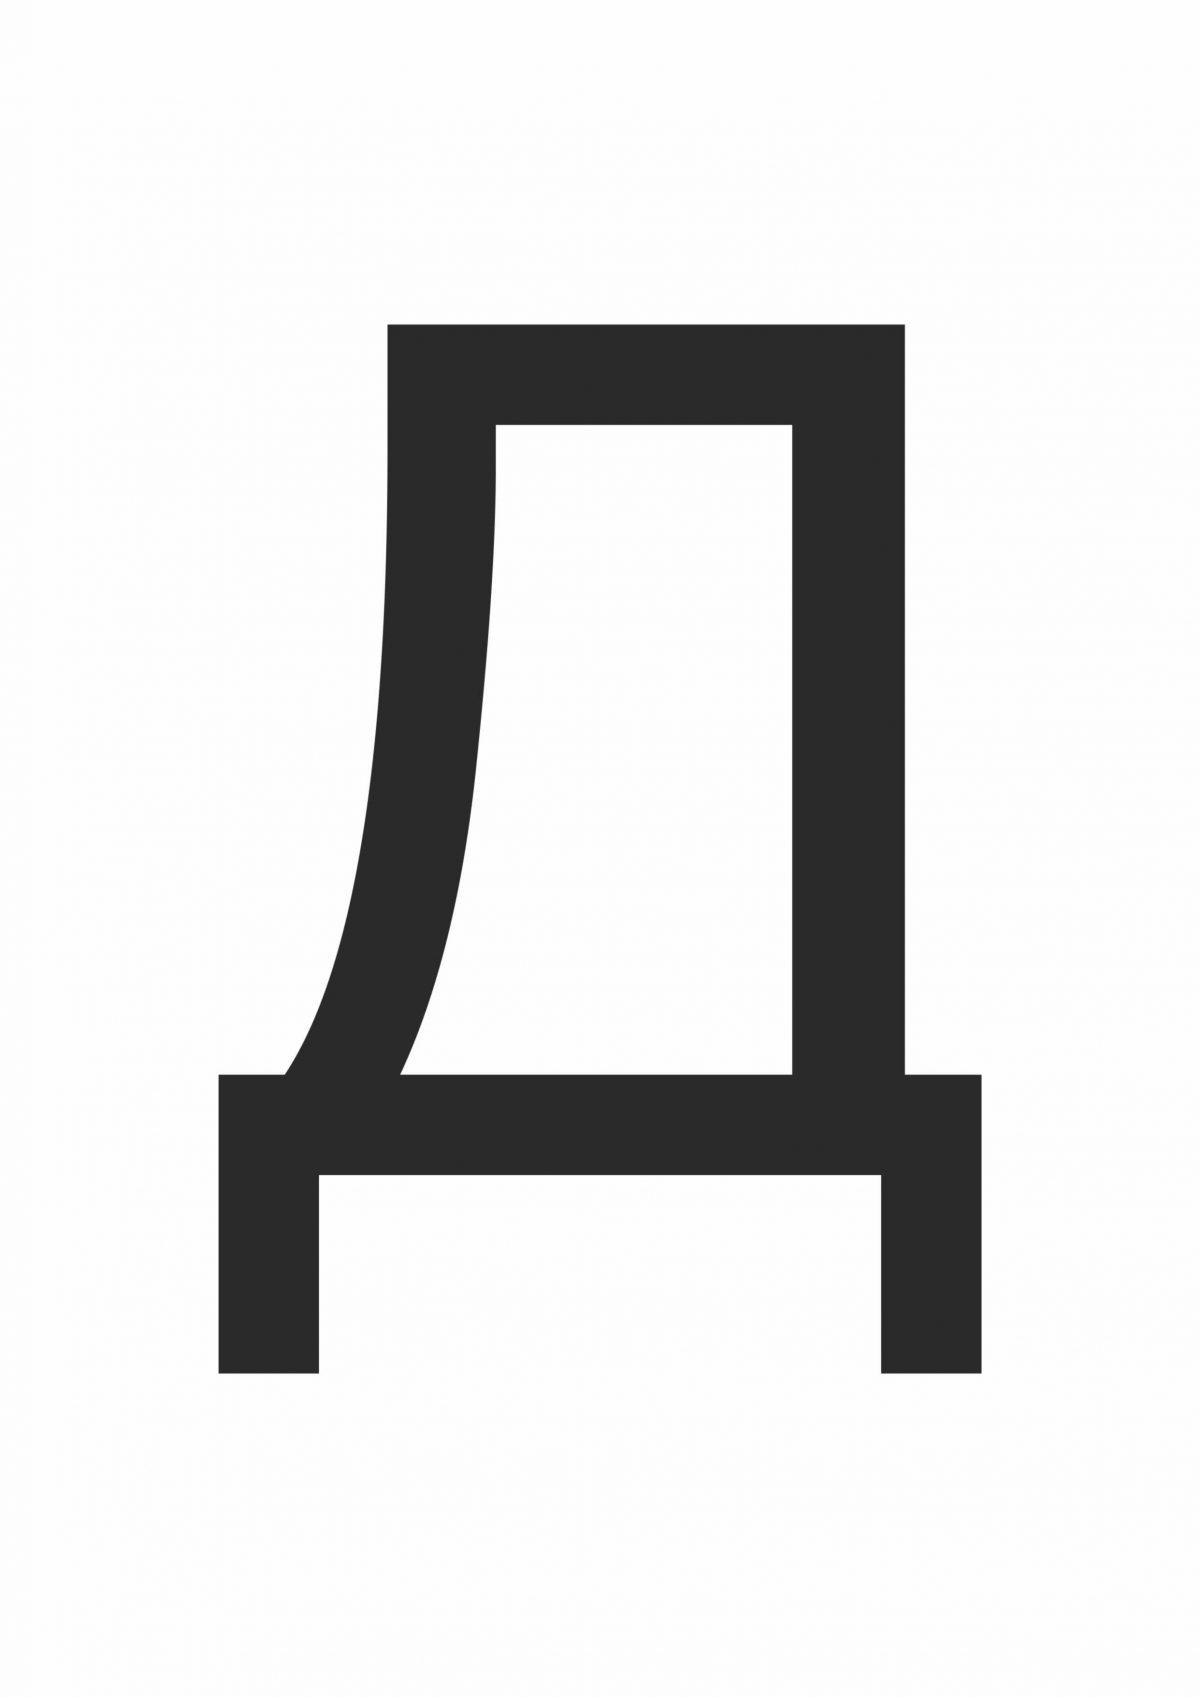 Буква Д формата А4